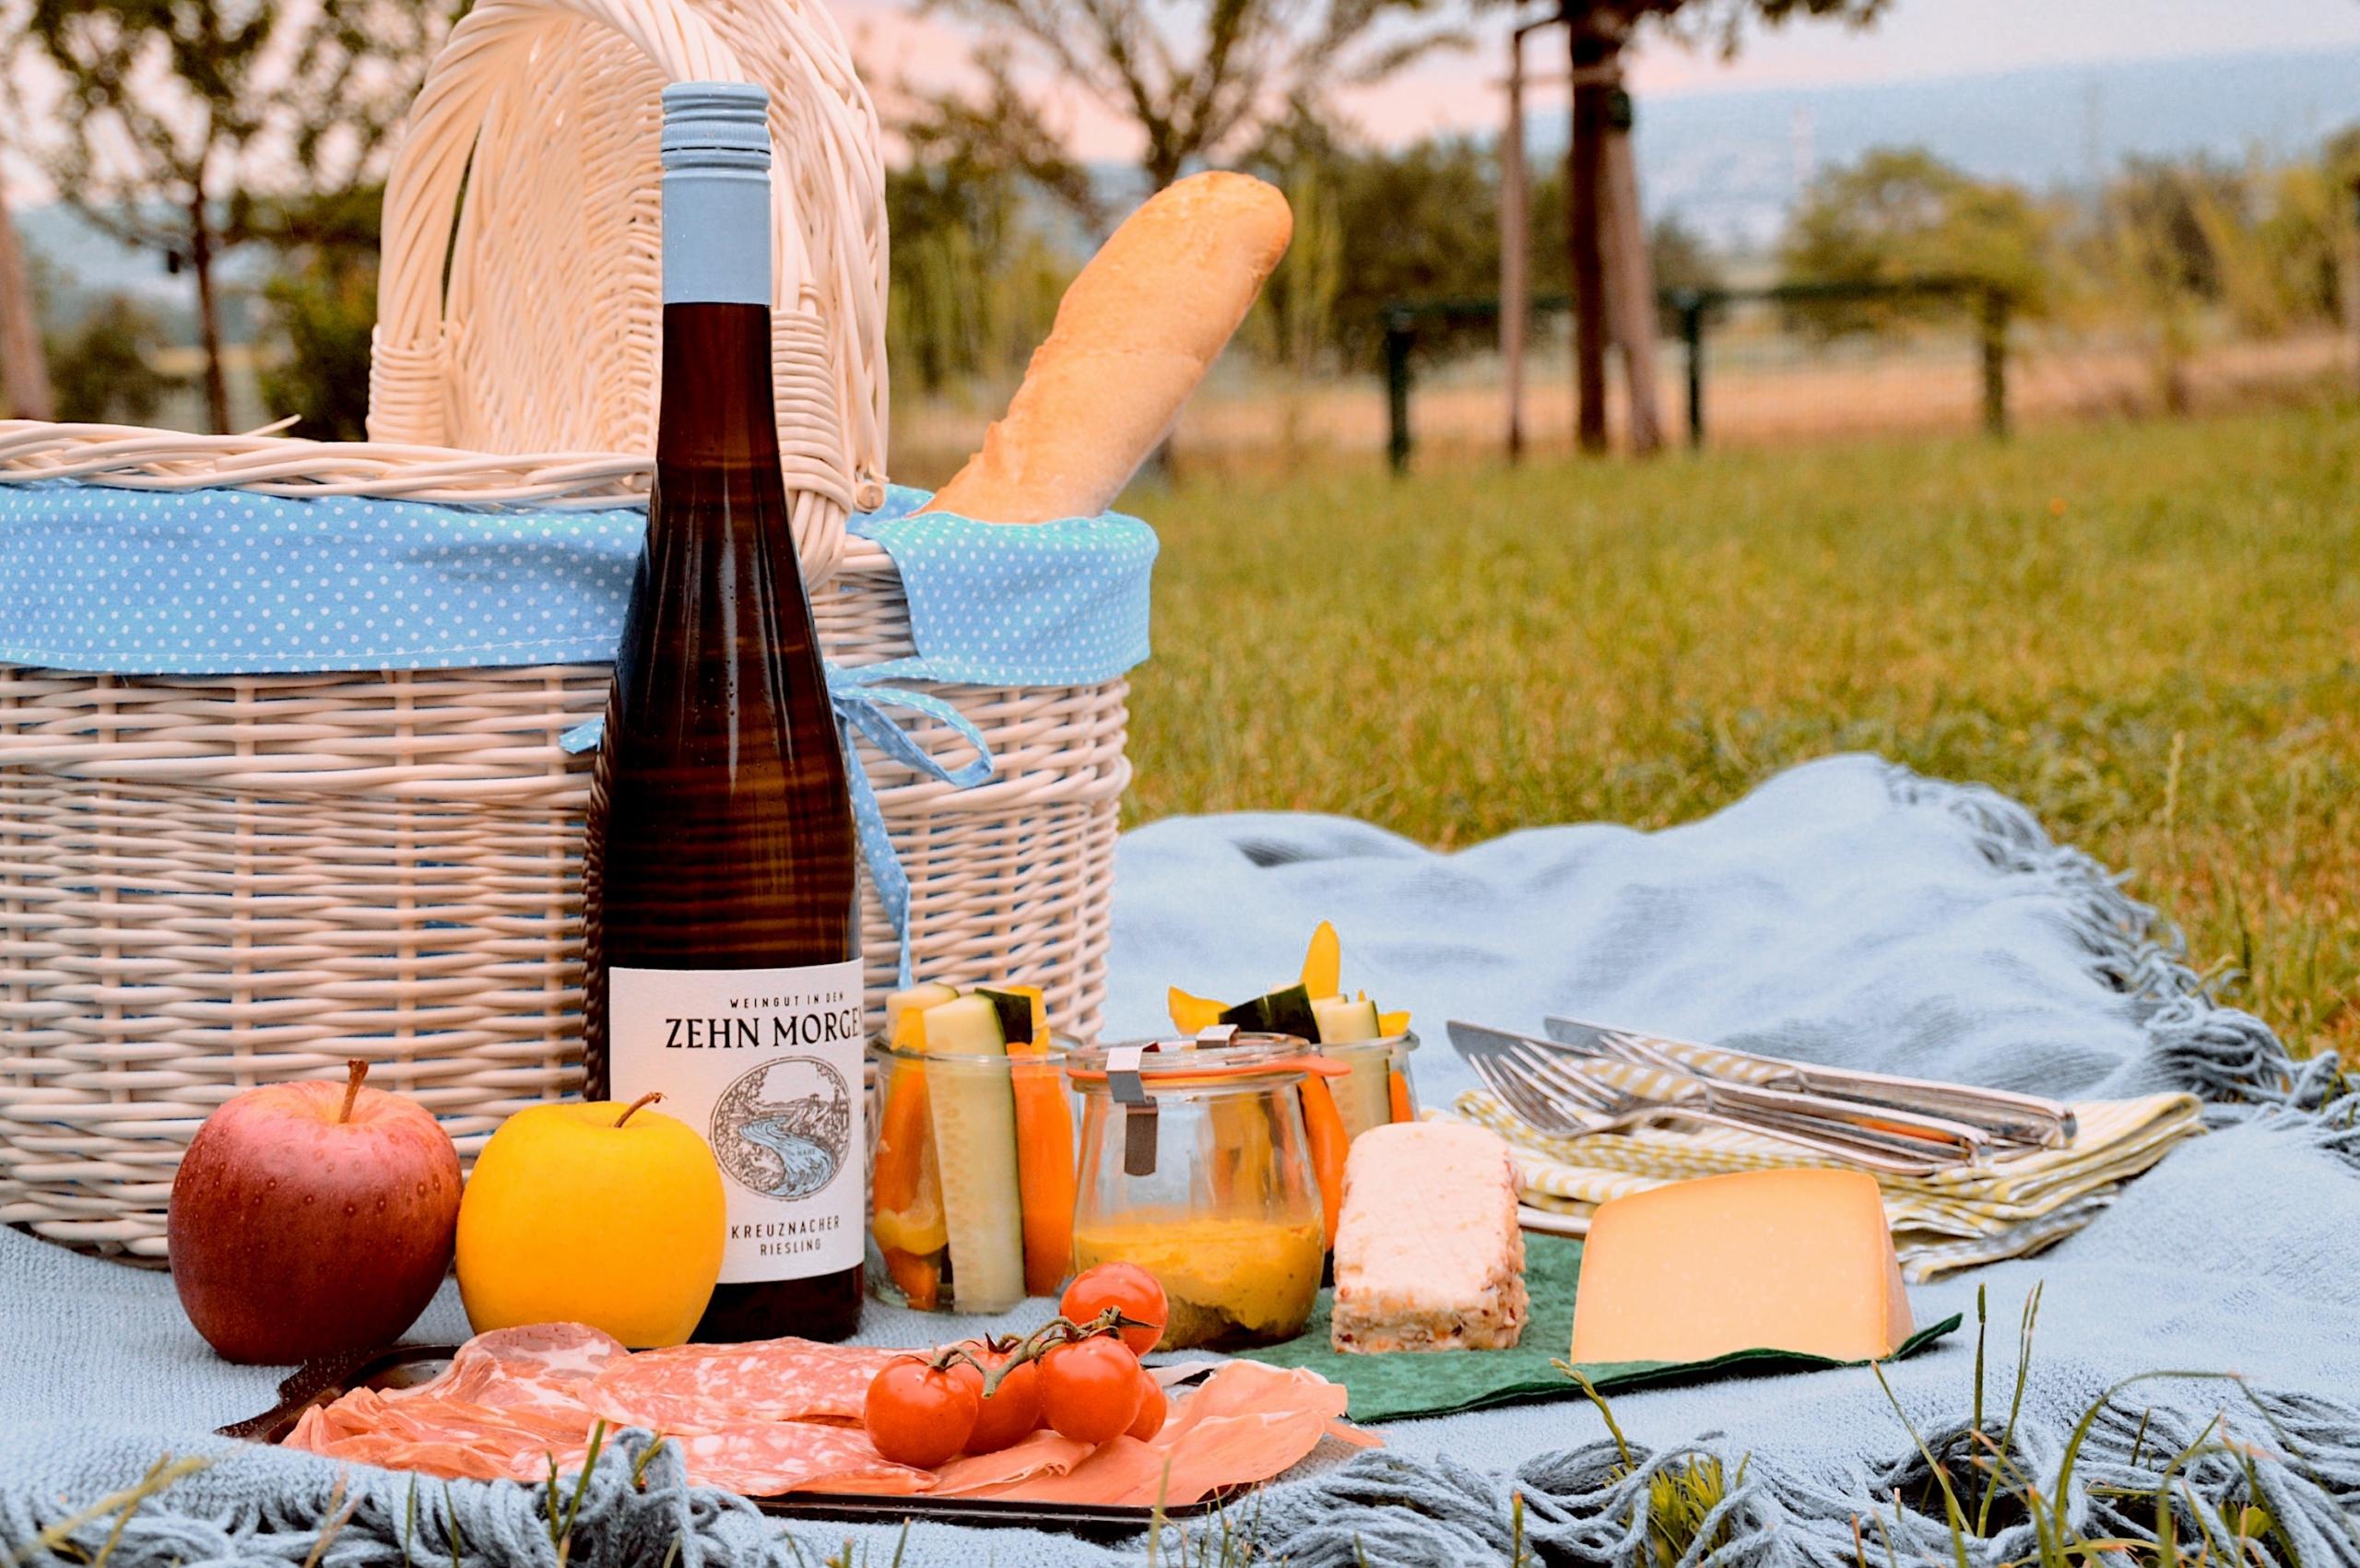 Picknick-Korb-mit-Wein-zum-mitnehmen